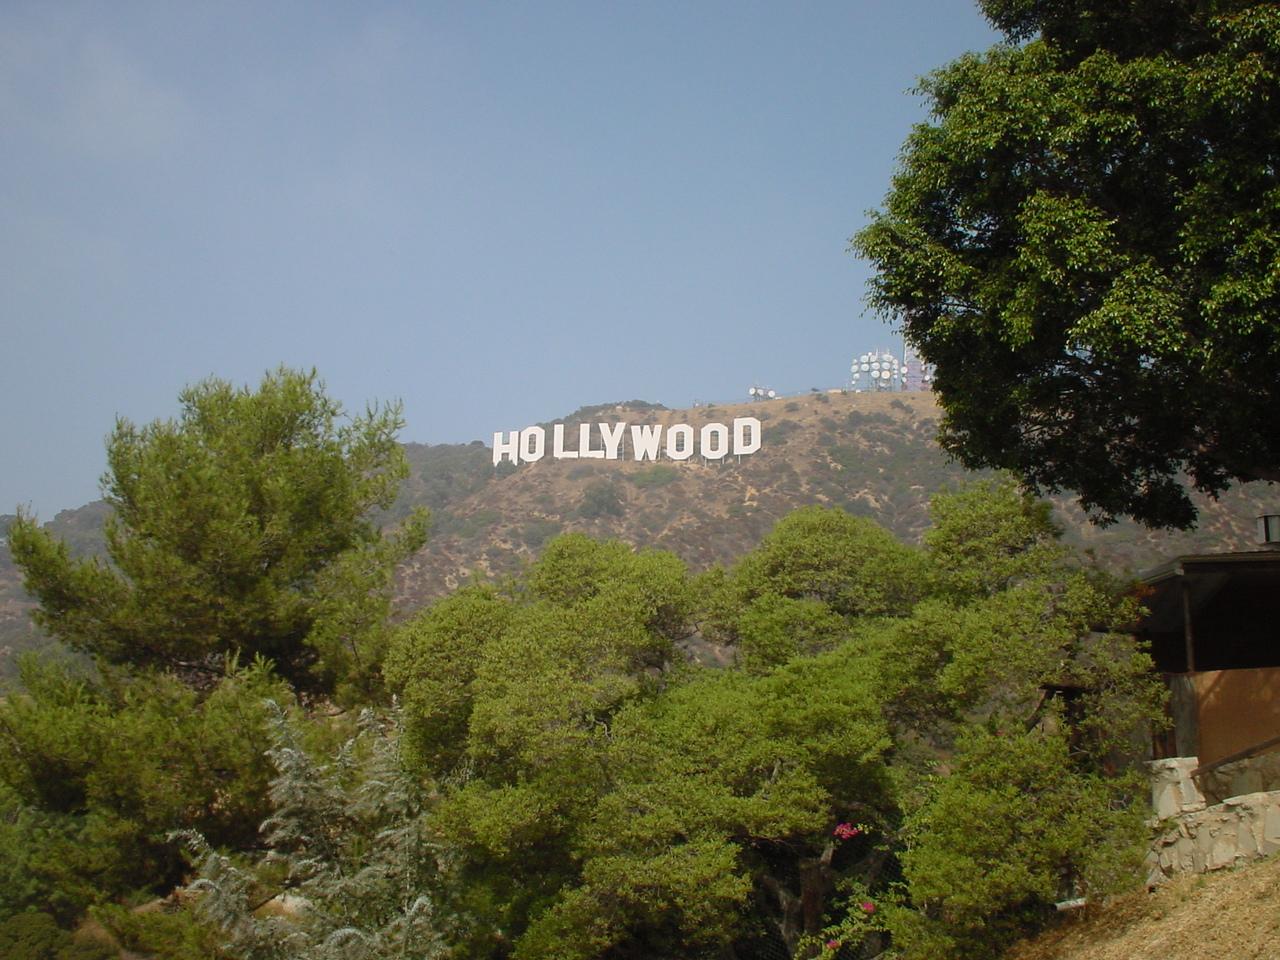 ロスです。とってもよくハリウッドサインが見える穴場を知っています! 行って見たい方はメールをください 行き方教えます